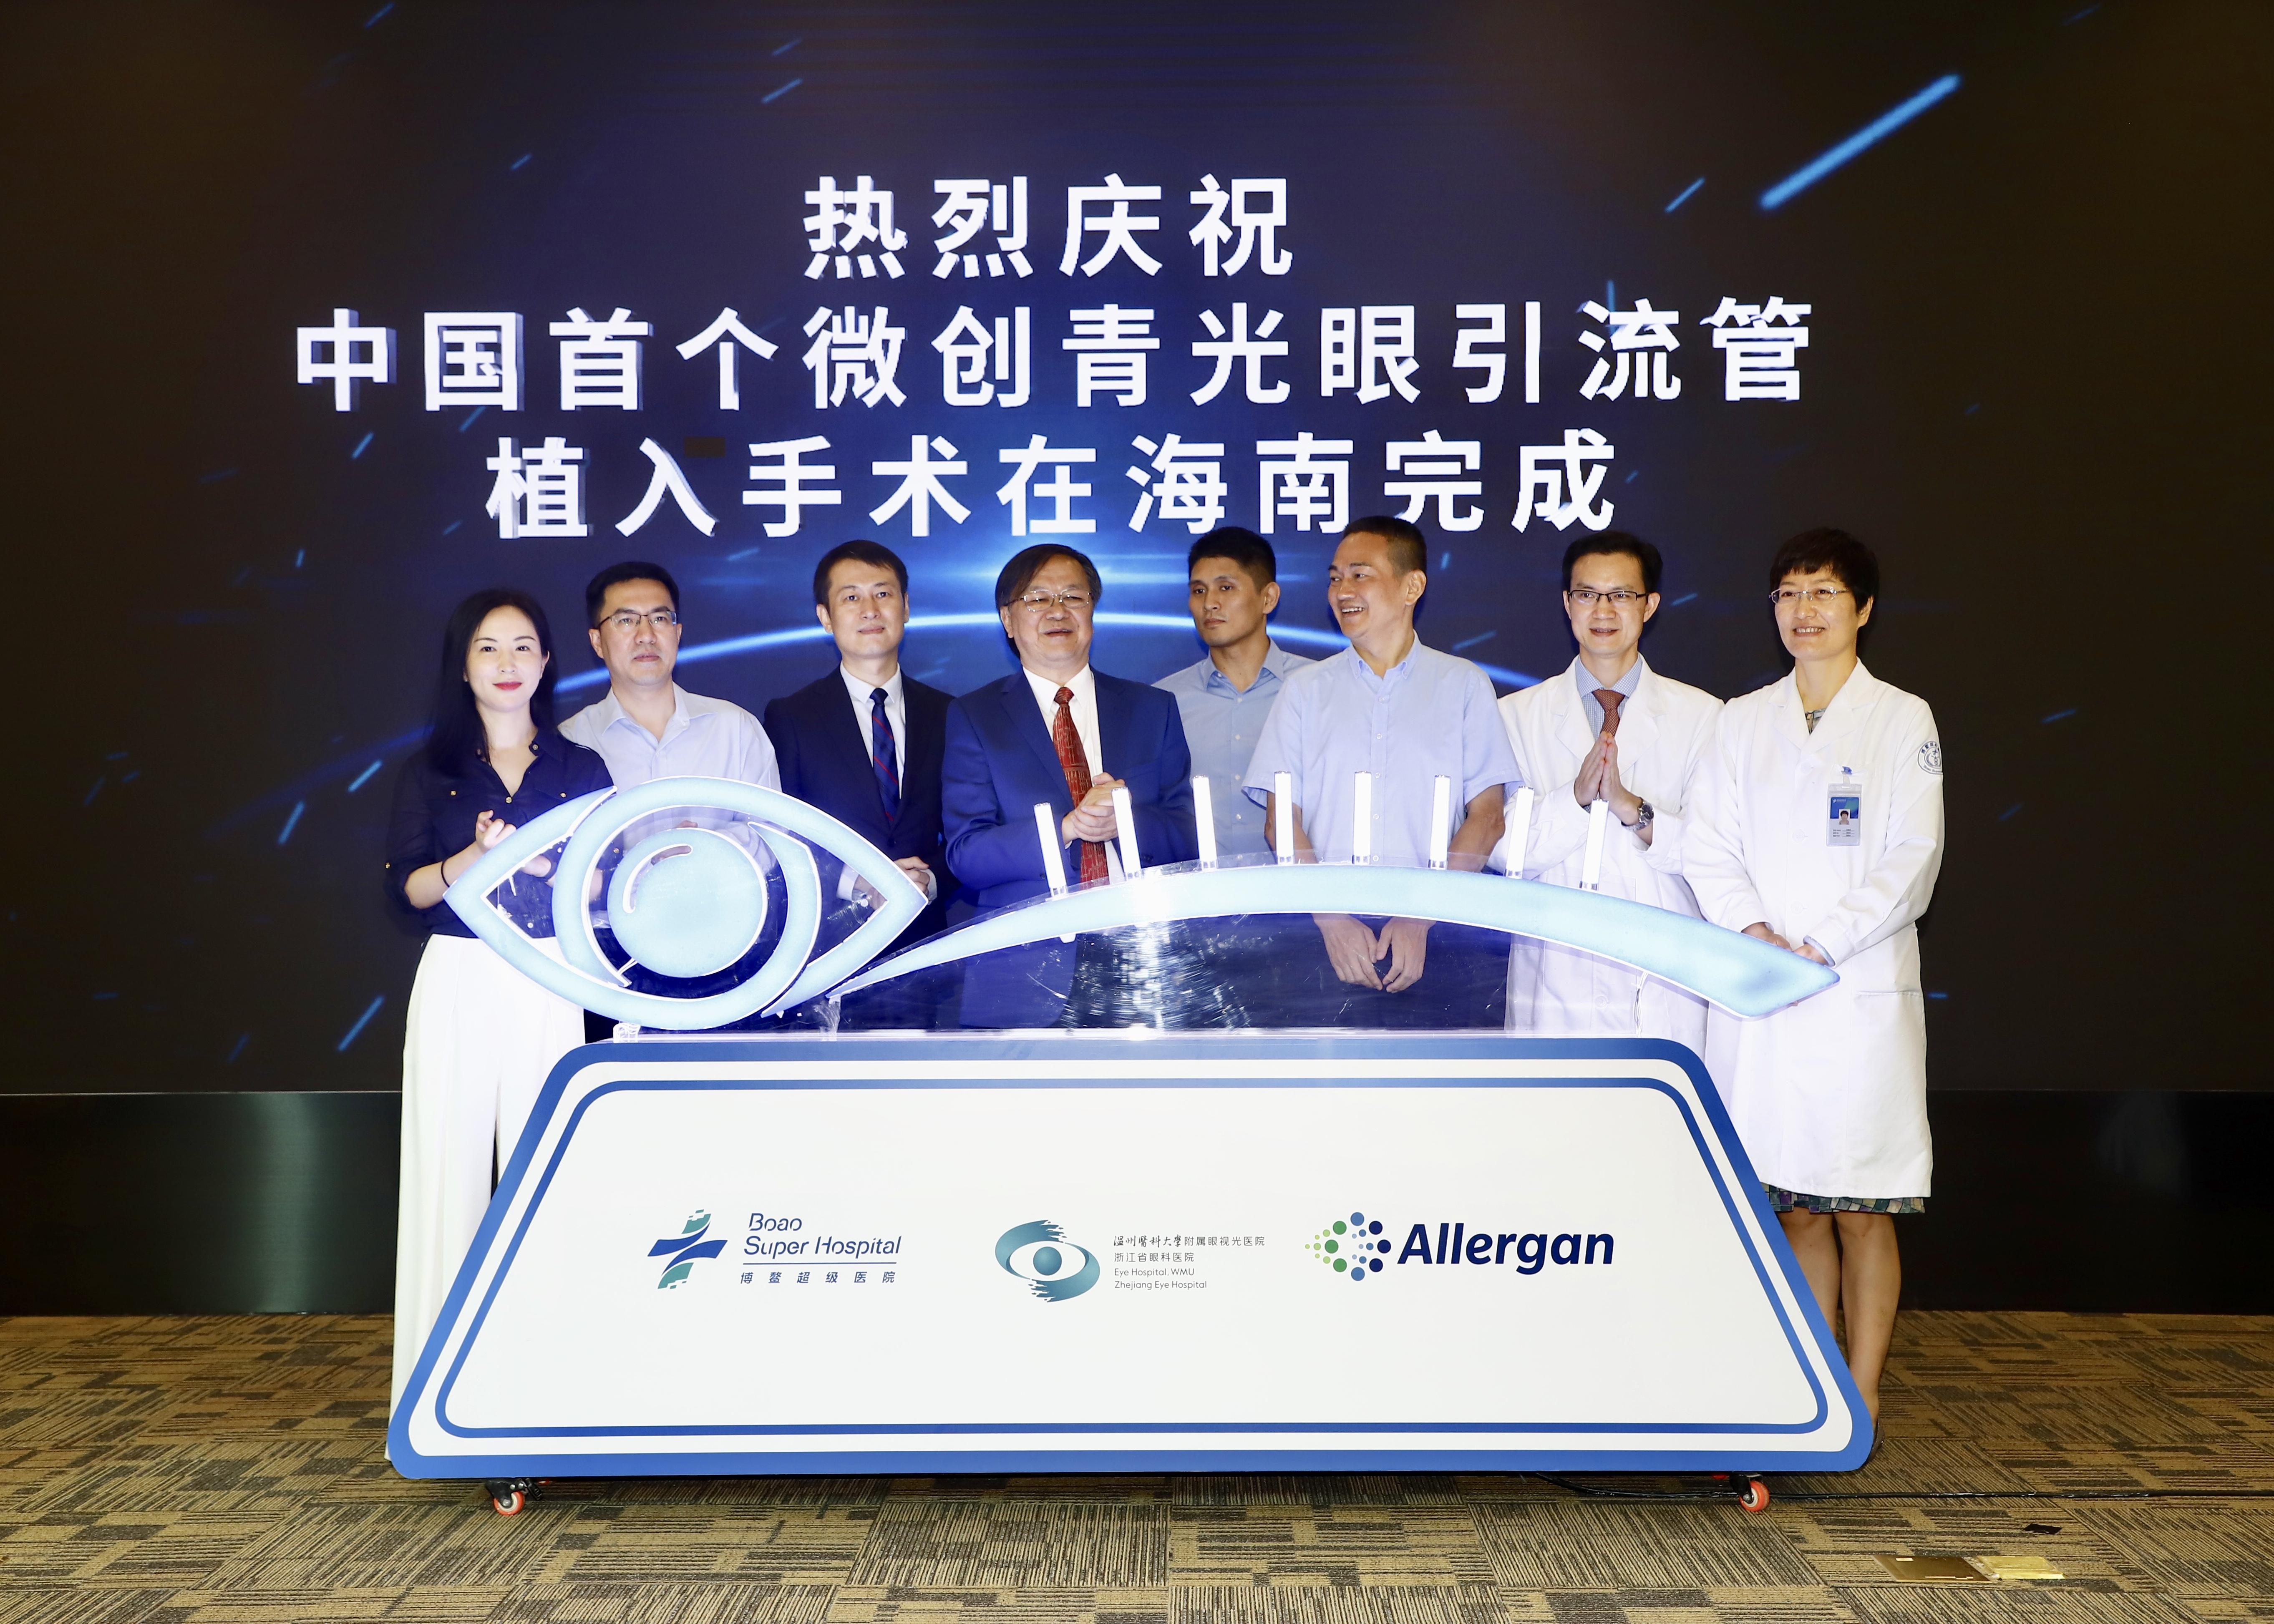 博鳌超级医院引入艾尔建XEN完成首例青光眼微创手术